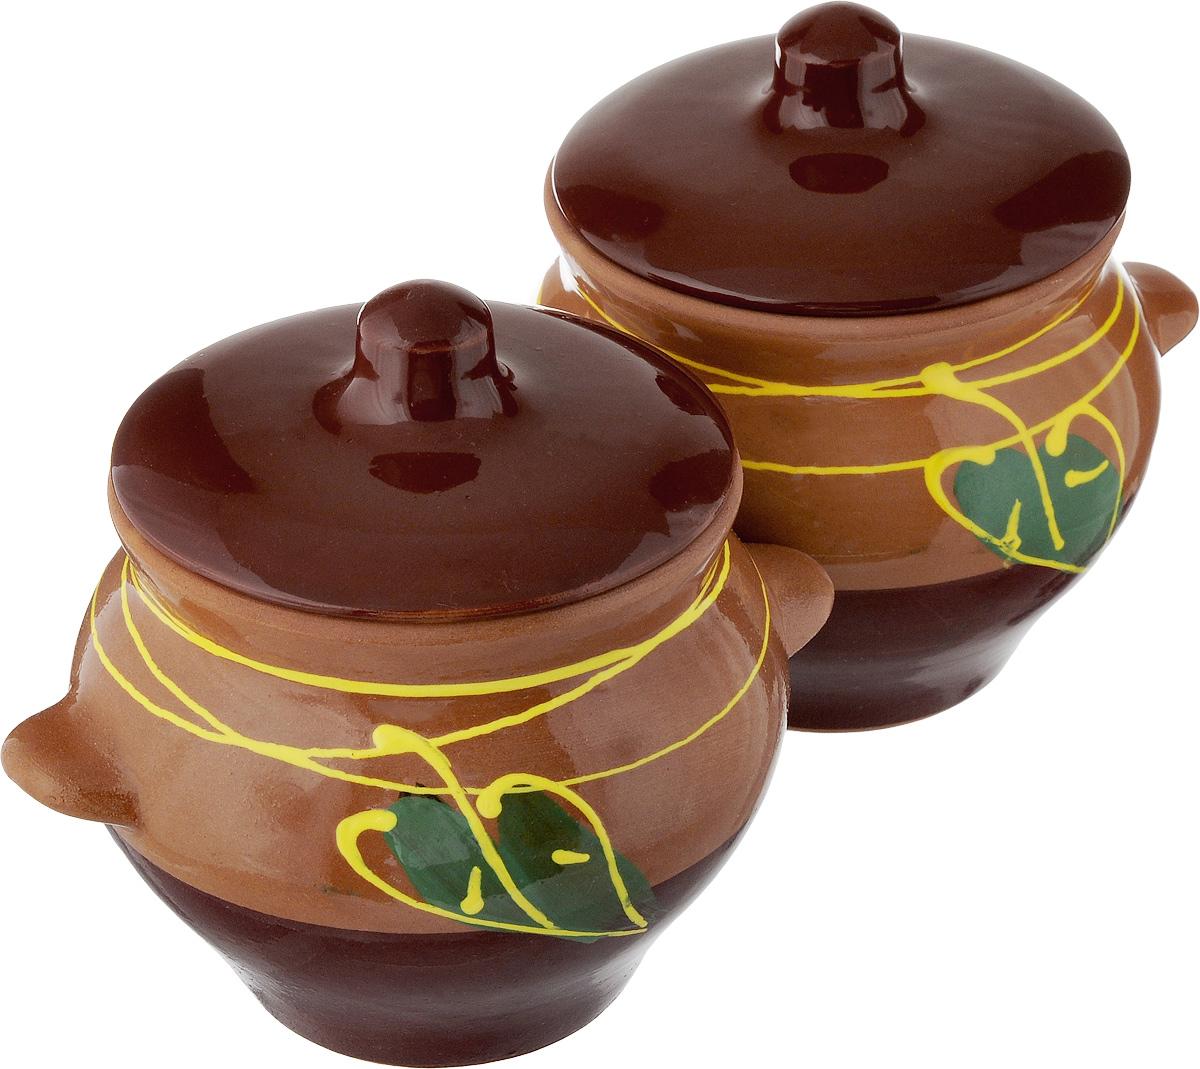 Набор горшочков для запекания Борисовская керамика Стандарт, с крышками, цвет: коричневый, темно-коричневый, зеленый, 500 мл, 2 штОБЧ00000006_коричневый, темно-коричневый, зеленый листокНабор Борисовская керамика Стандарт состоит из 2 горшочков для запекания с крышками. Каждый предмет набора выполнен из высококачественной керамики. Уникальные свойства красной глины и толстые стенки изделия обеспечивают эффект русской печи при приготовлении блюд. Блюда, приготовленные в керамическом горшке, получаются нежными и сочными. Вы сможете приготовить мясо, сделать томленые овощи и все это без капли масла. Это один из самых здоровых способов готовки. Можно использовать в духовке и микроволновой печи. Диаметр горшка (по верхнему краю): 9,5 см. Высота стенок: 9,6 см. Объем: 500 мл.